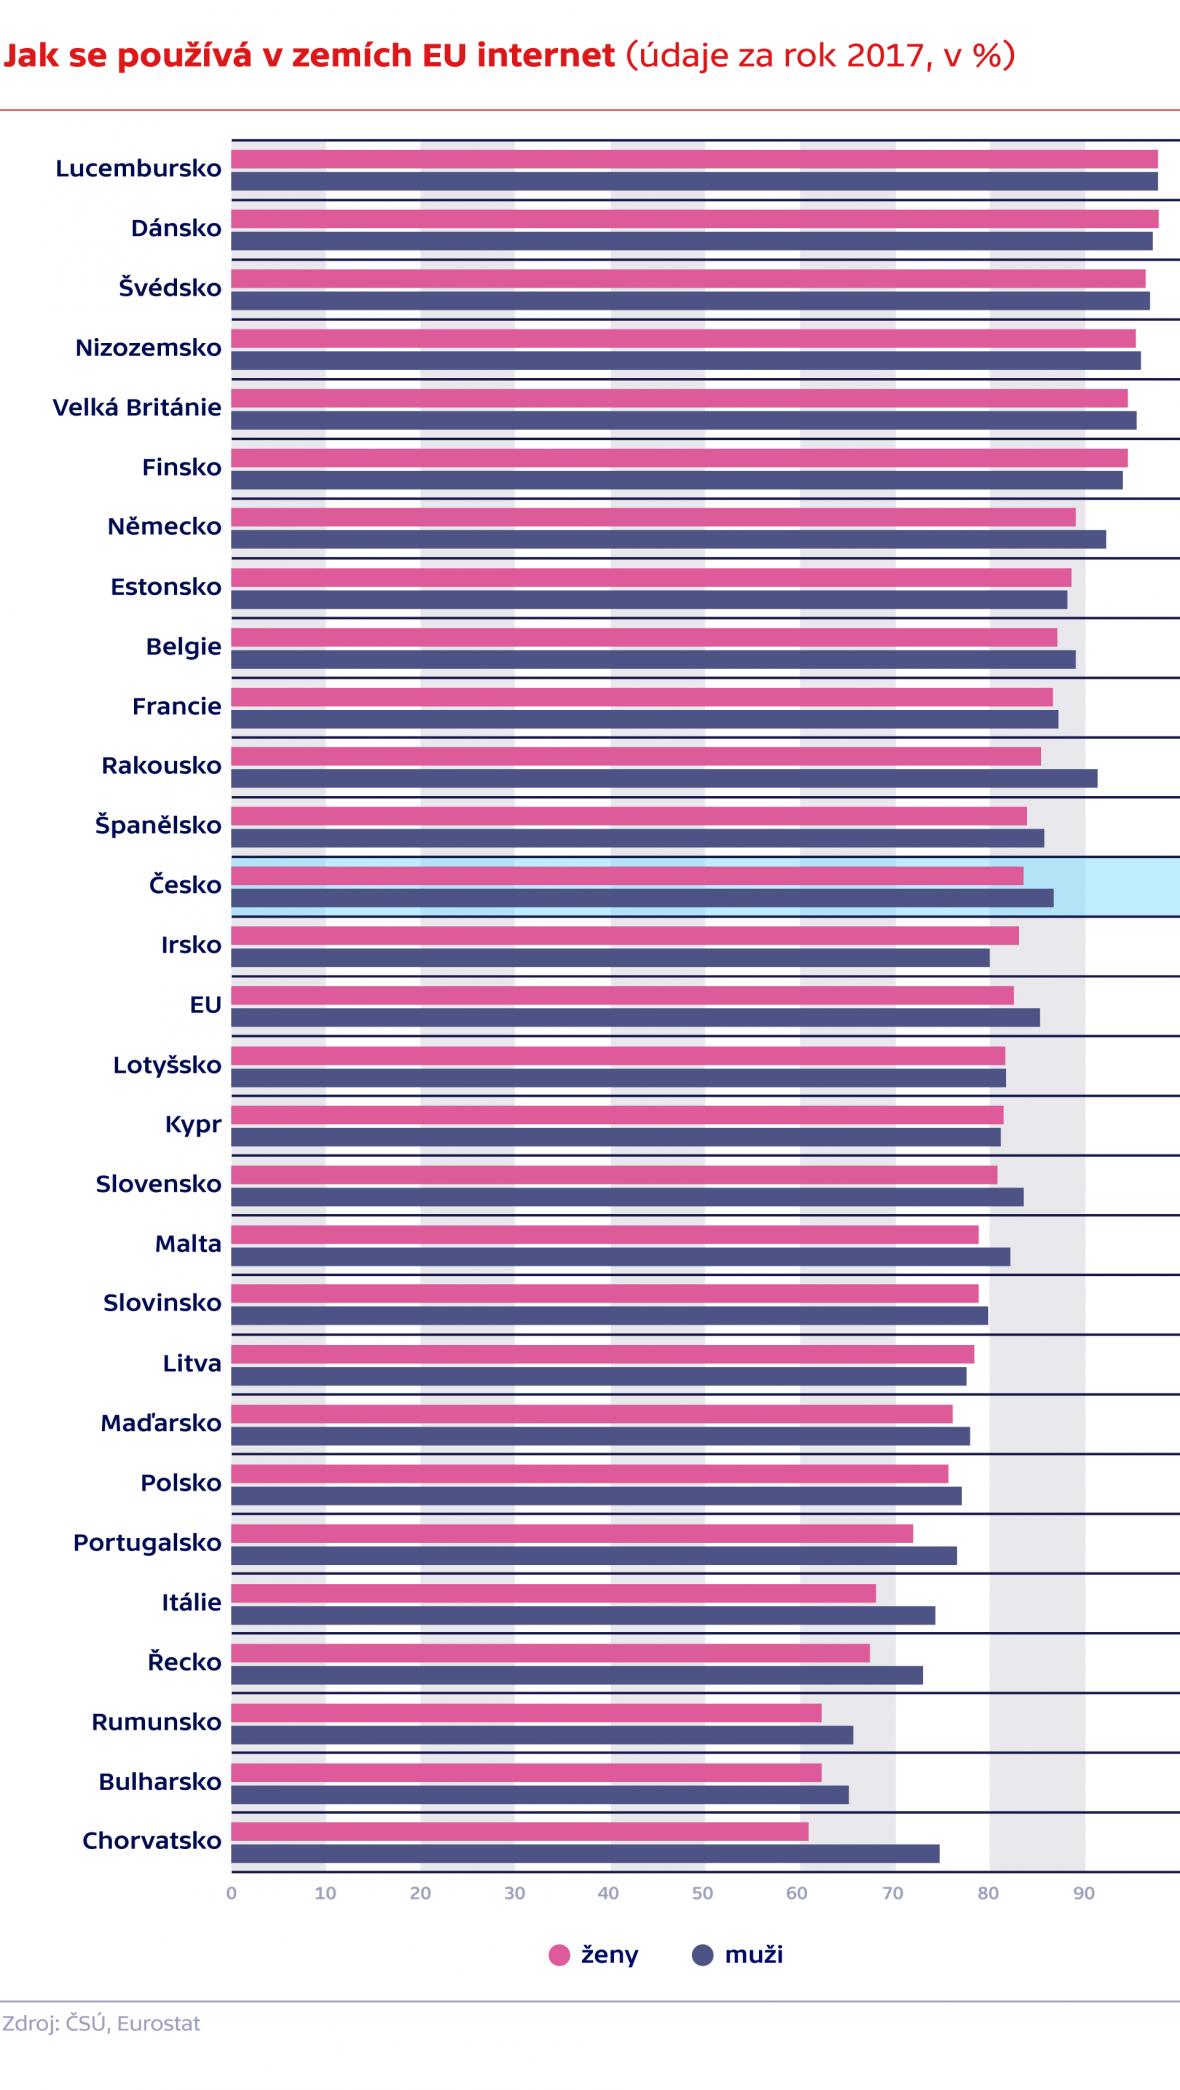 Jak se používá v zemích EU internet (údaje za rok 2017)